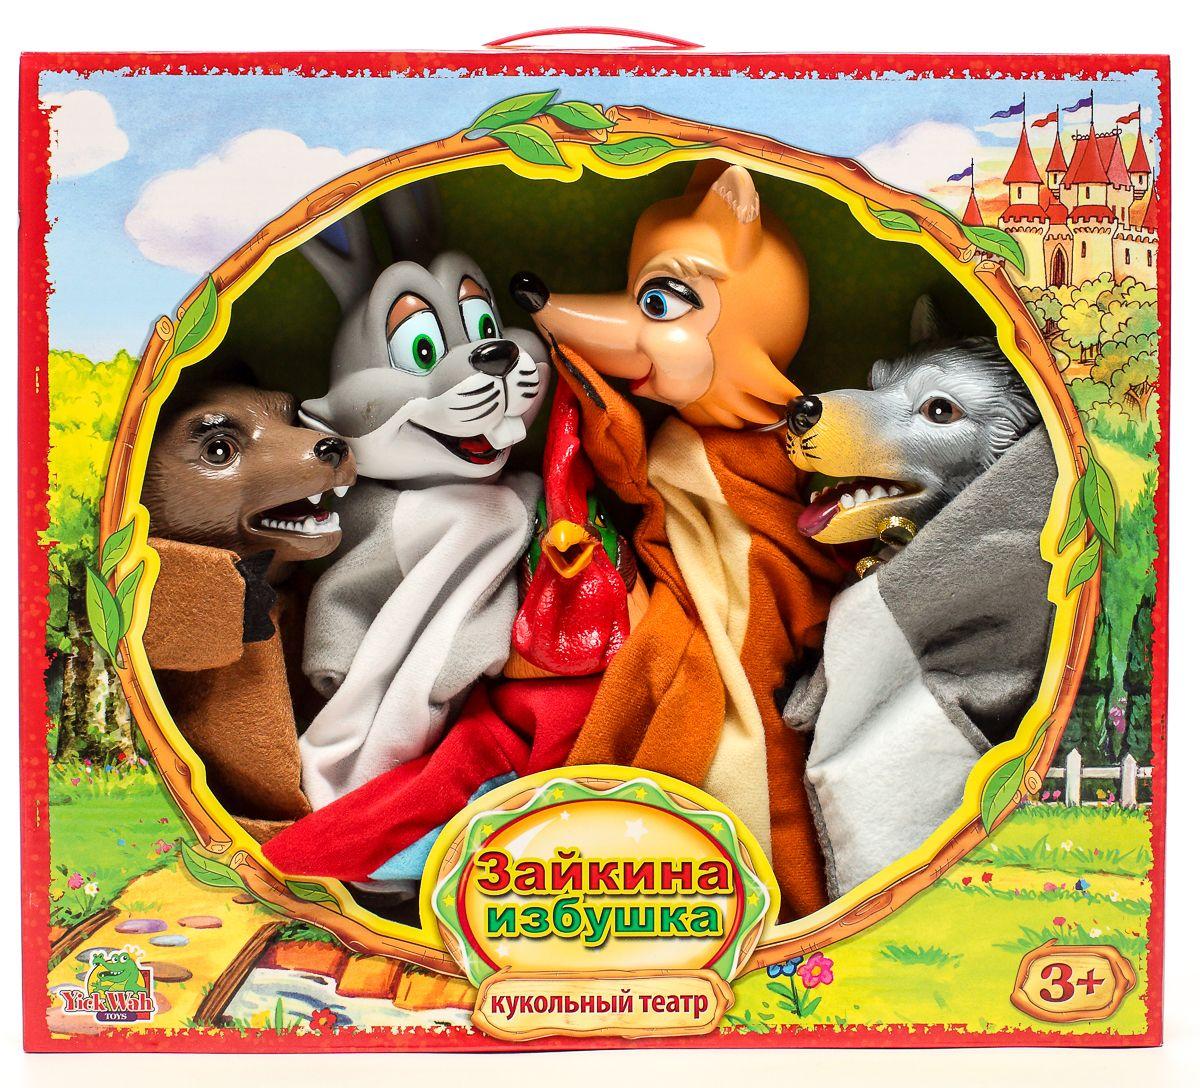 Yick Wah Кукольный театр Зайкина избушка7142/12SКукольный театр создан на основе всем известной сказки.Набор состоит из 5-и кукол-марионеток большого размера,одевающихся на кисть руки.Куклы обладают высокой прочностью,безопасностью.Доставляют малышам масс приятных и радостных эмоций